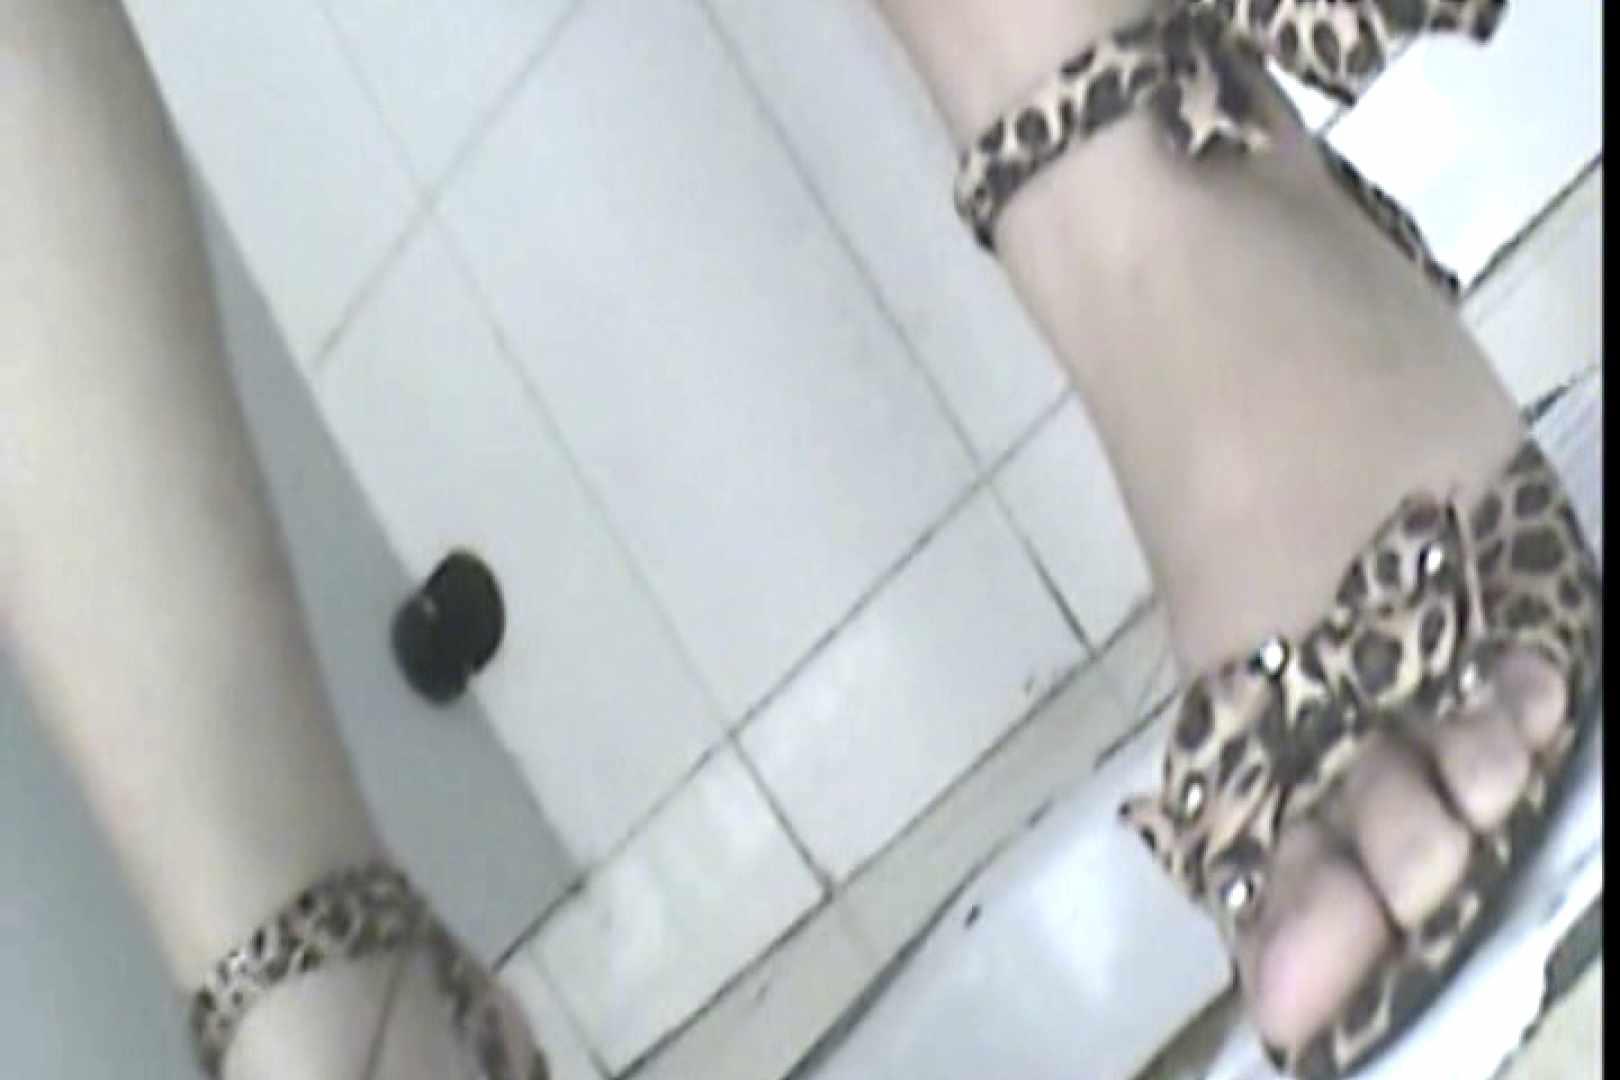 ぼっとん洗面所スペシャルVol.3 おまんこ無修正 盗撮アダルト動画キャプチャ 92pic 83